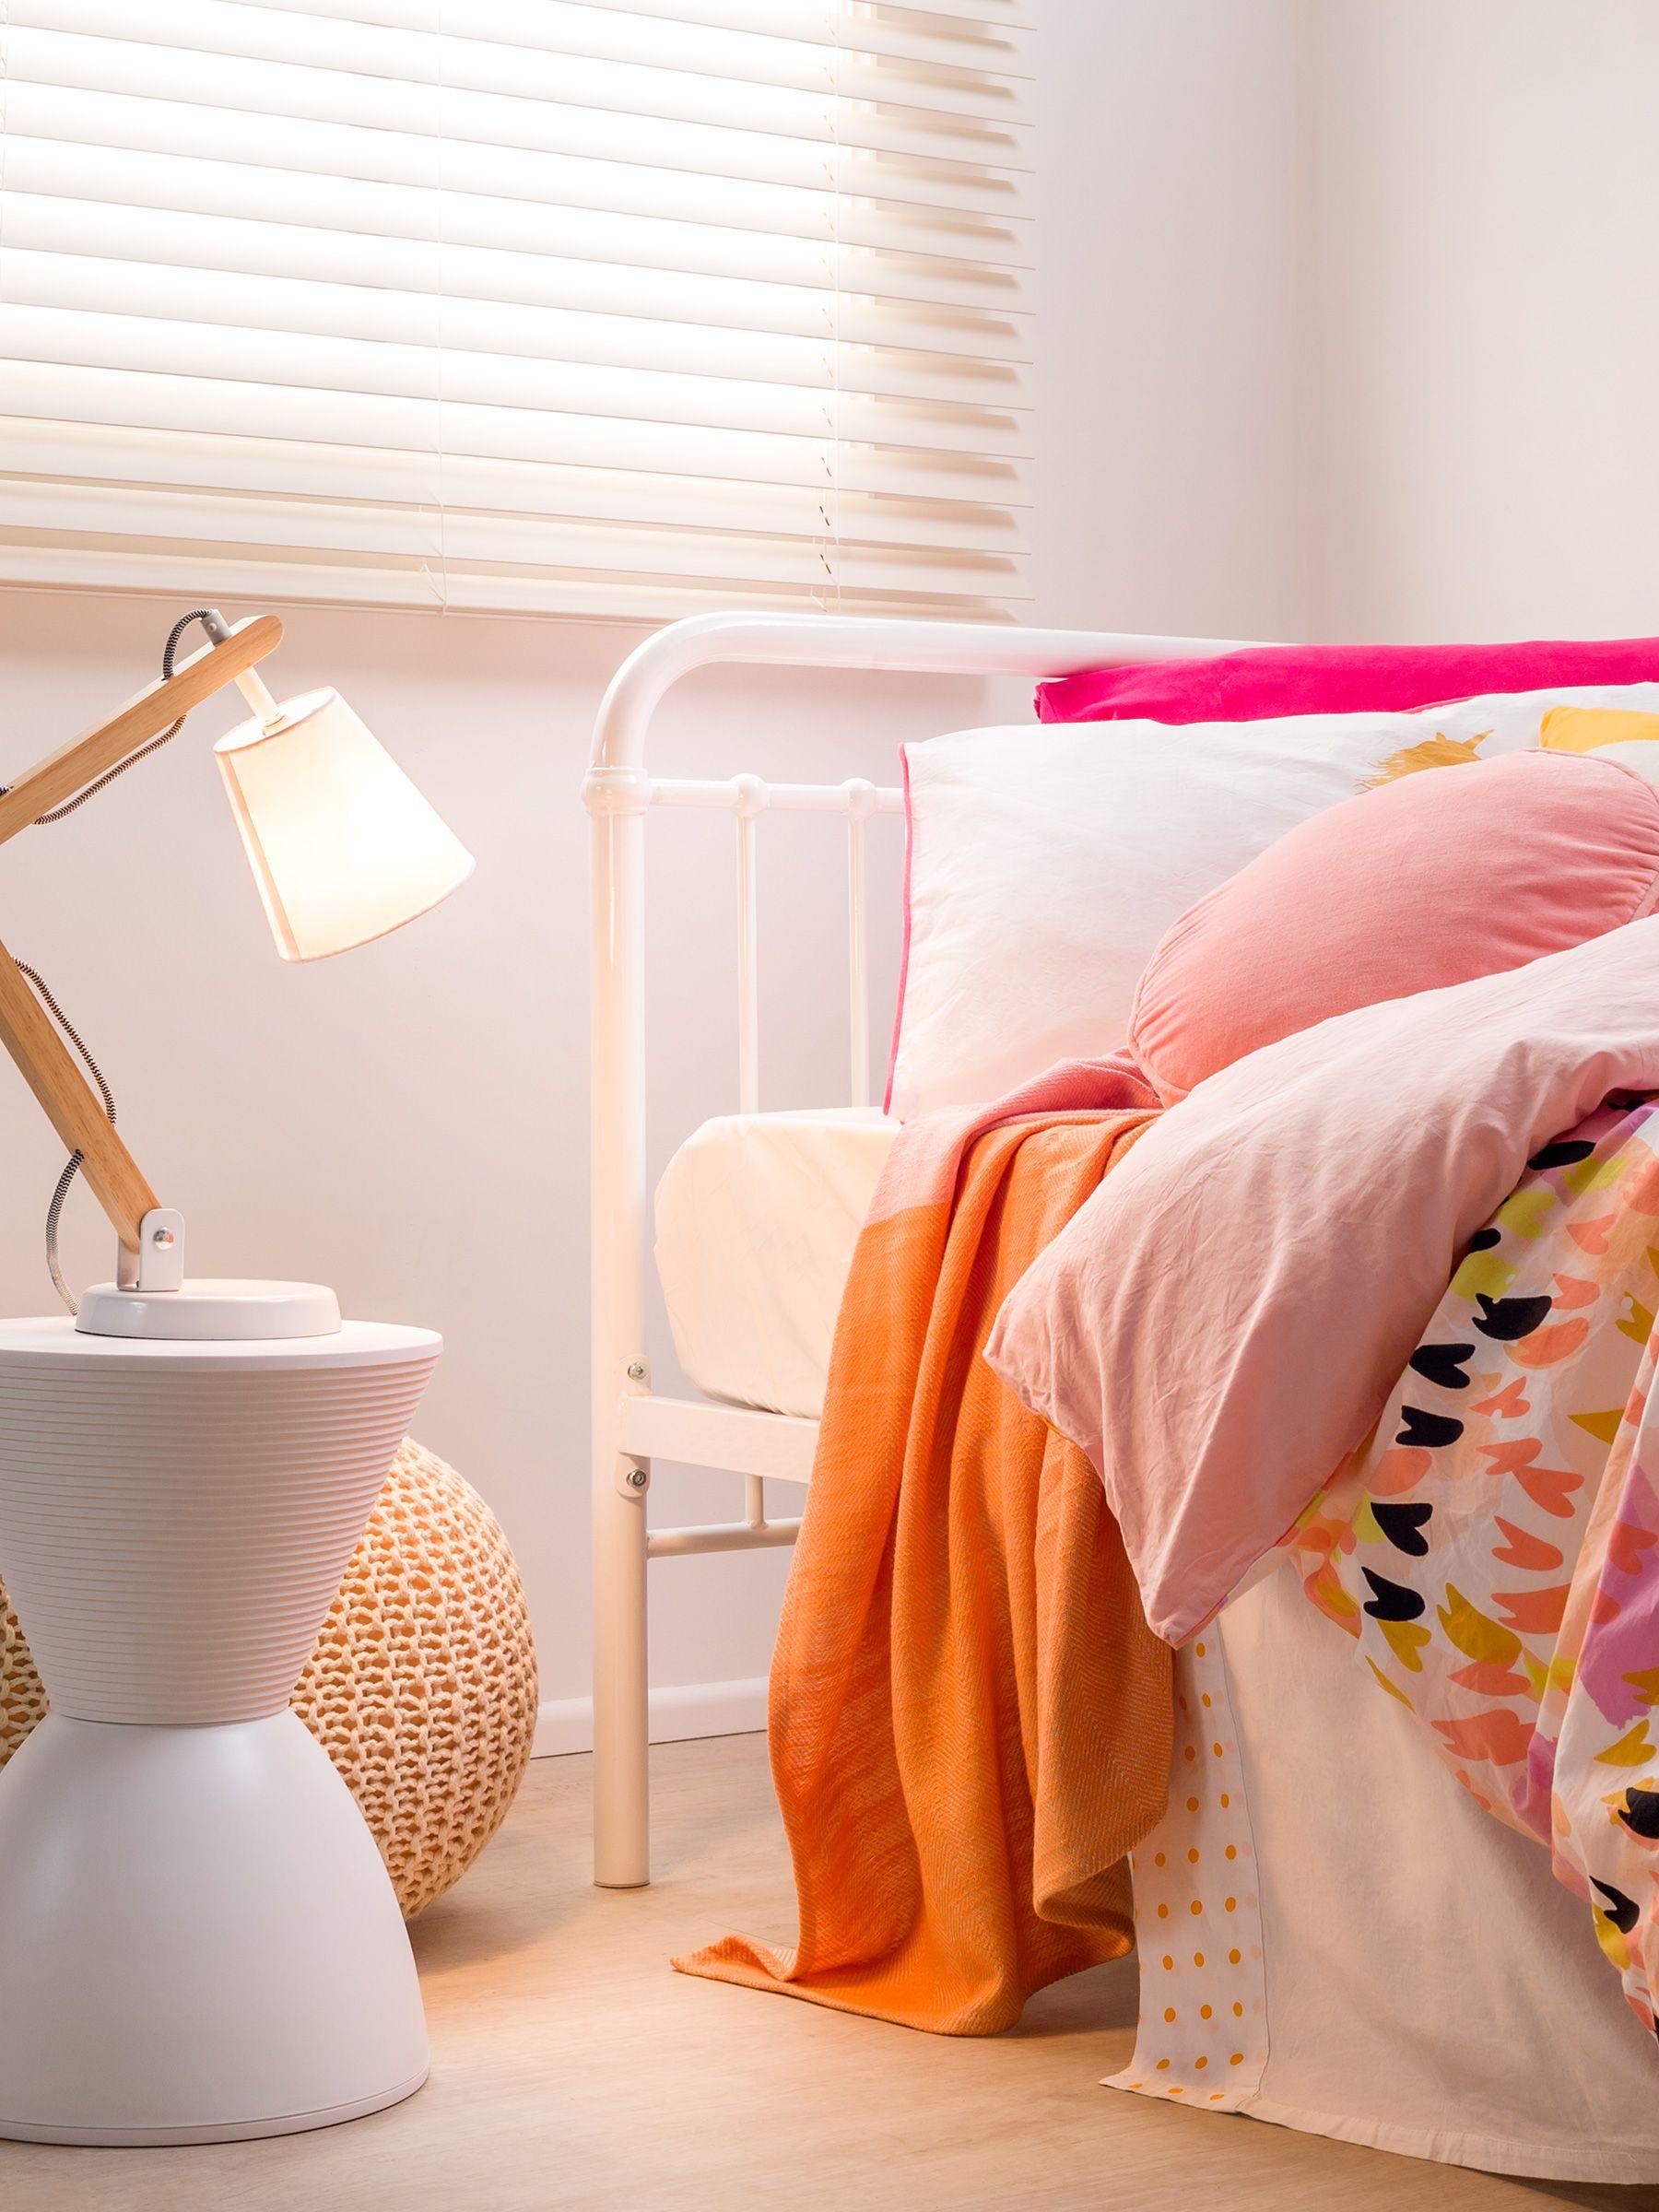 Mocka Sonata Bed and Egg Timer Stool